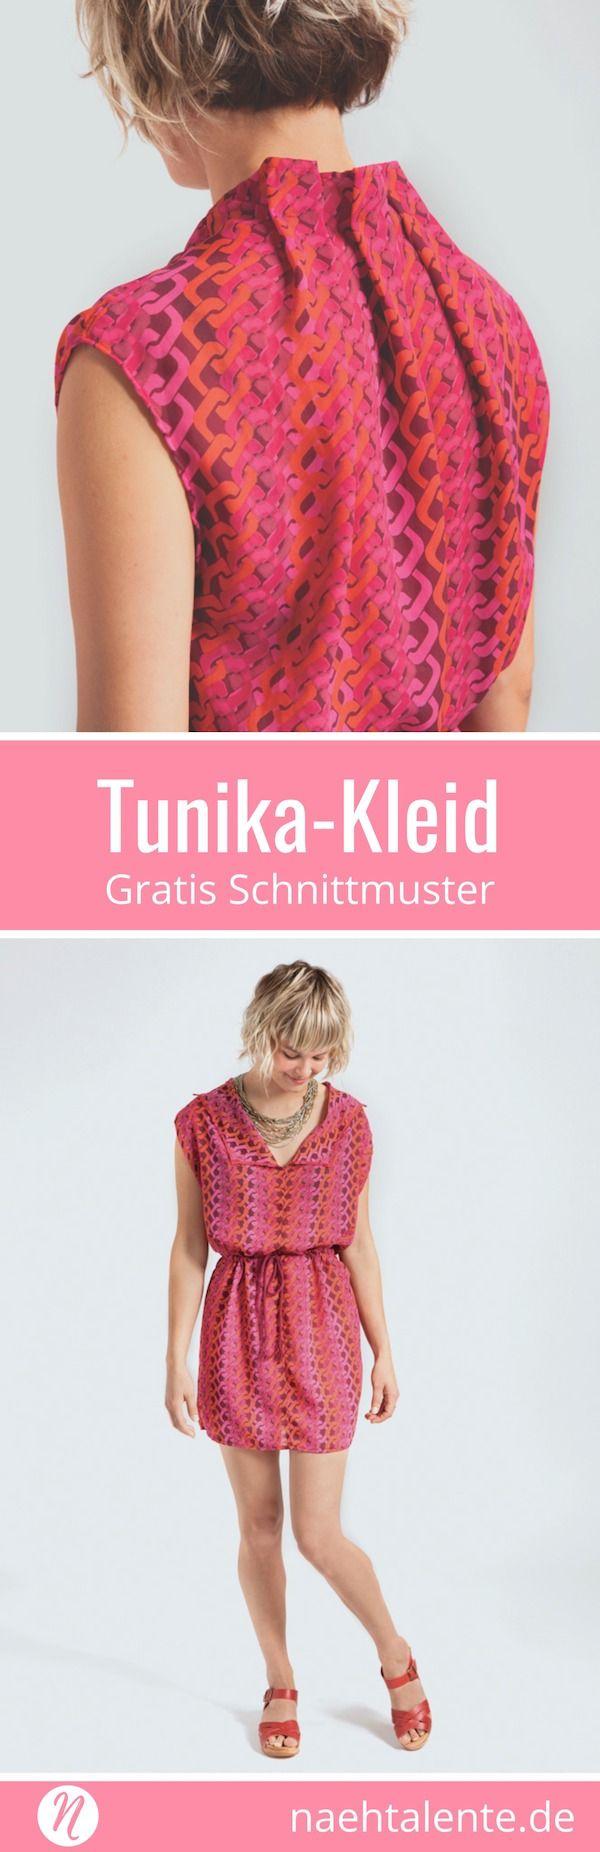 Einfaches Tunika-Kleid für Damen Gr. S/M für leichte Webware